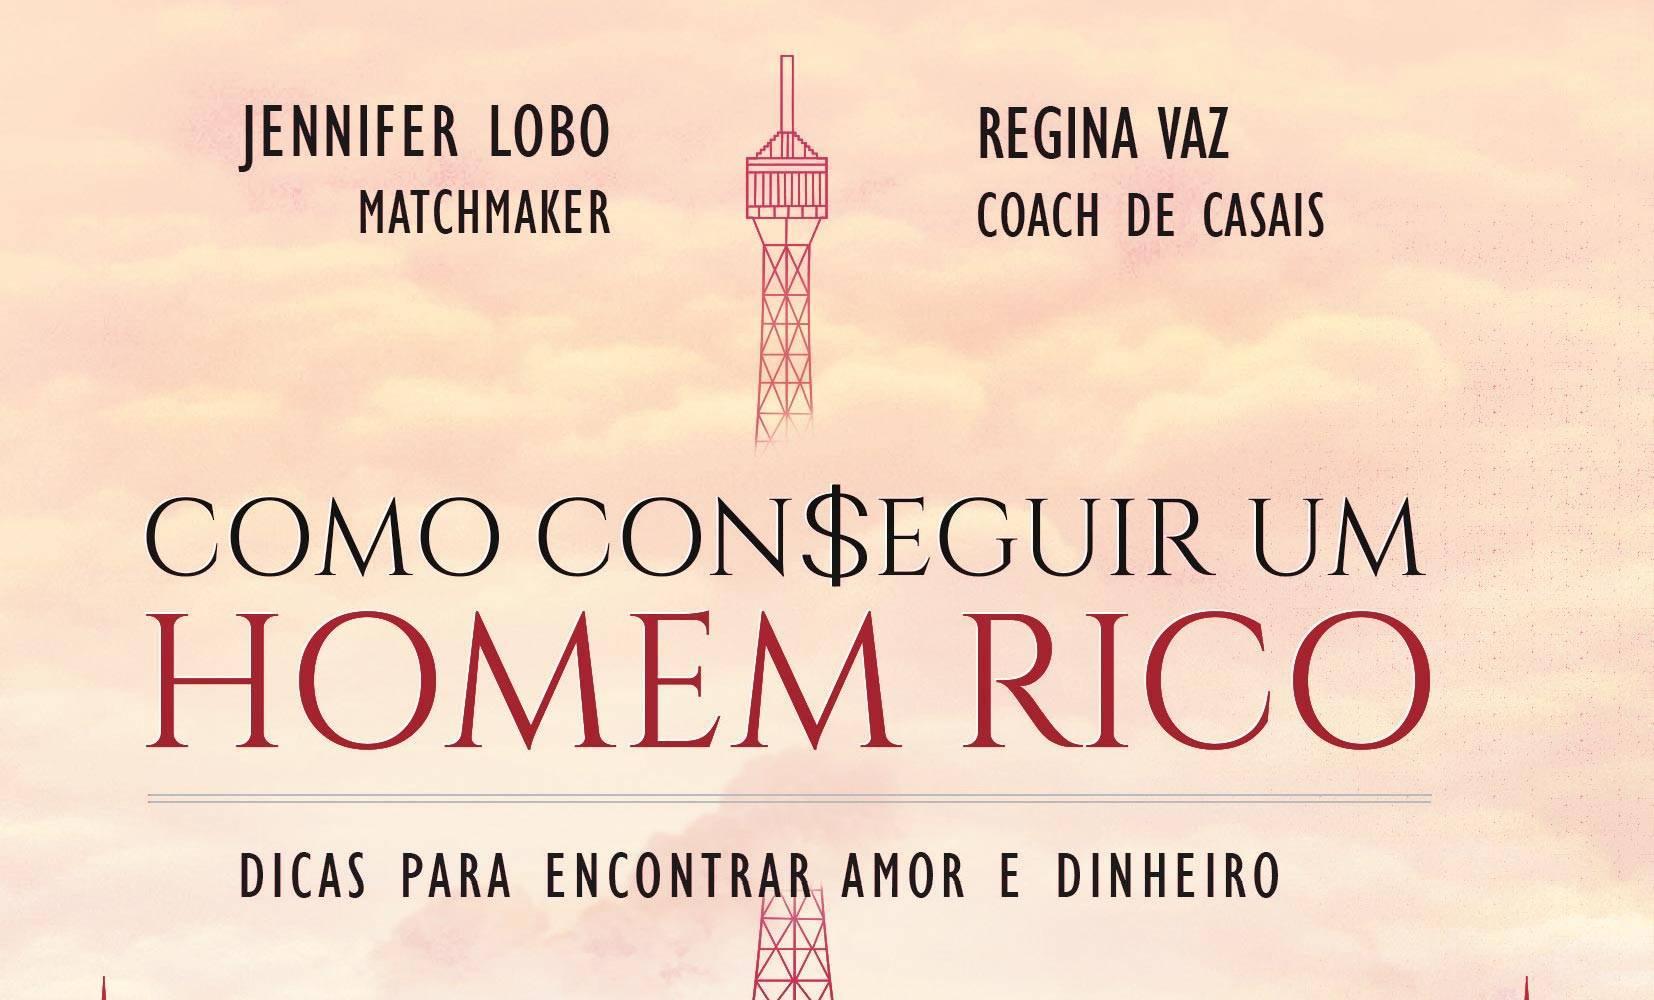 Conceituada matchmaker lança livro que ajuda mulheres independentes a encontrar homens bem-sucedidos